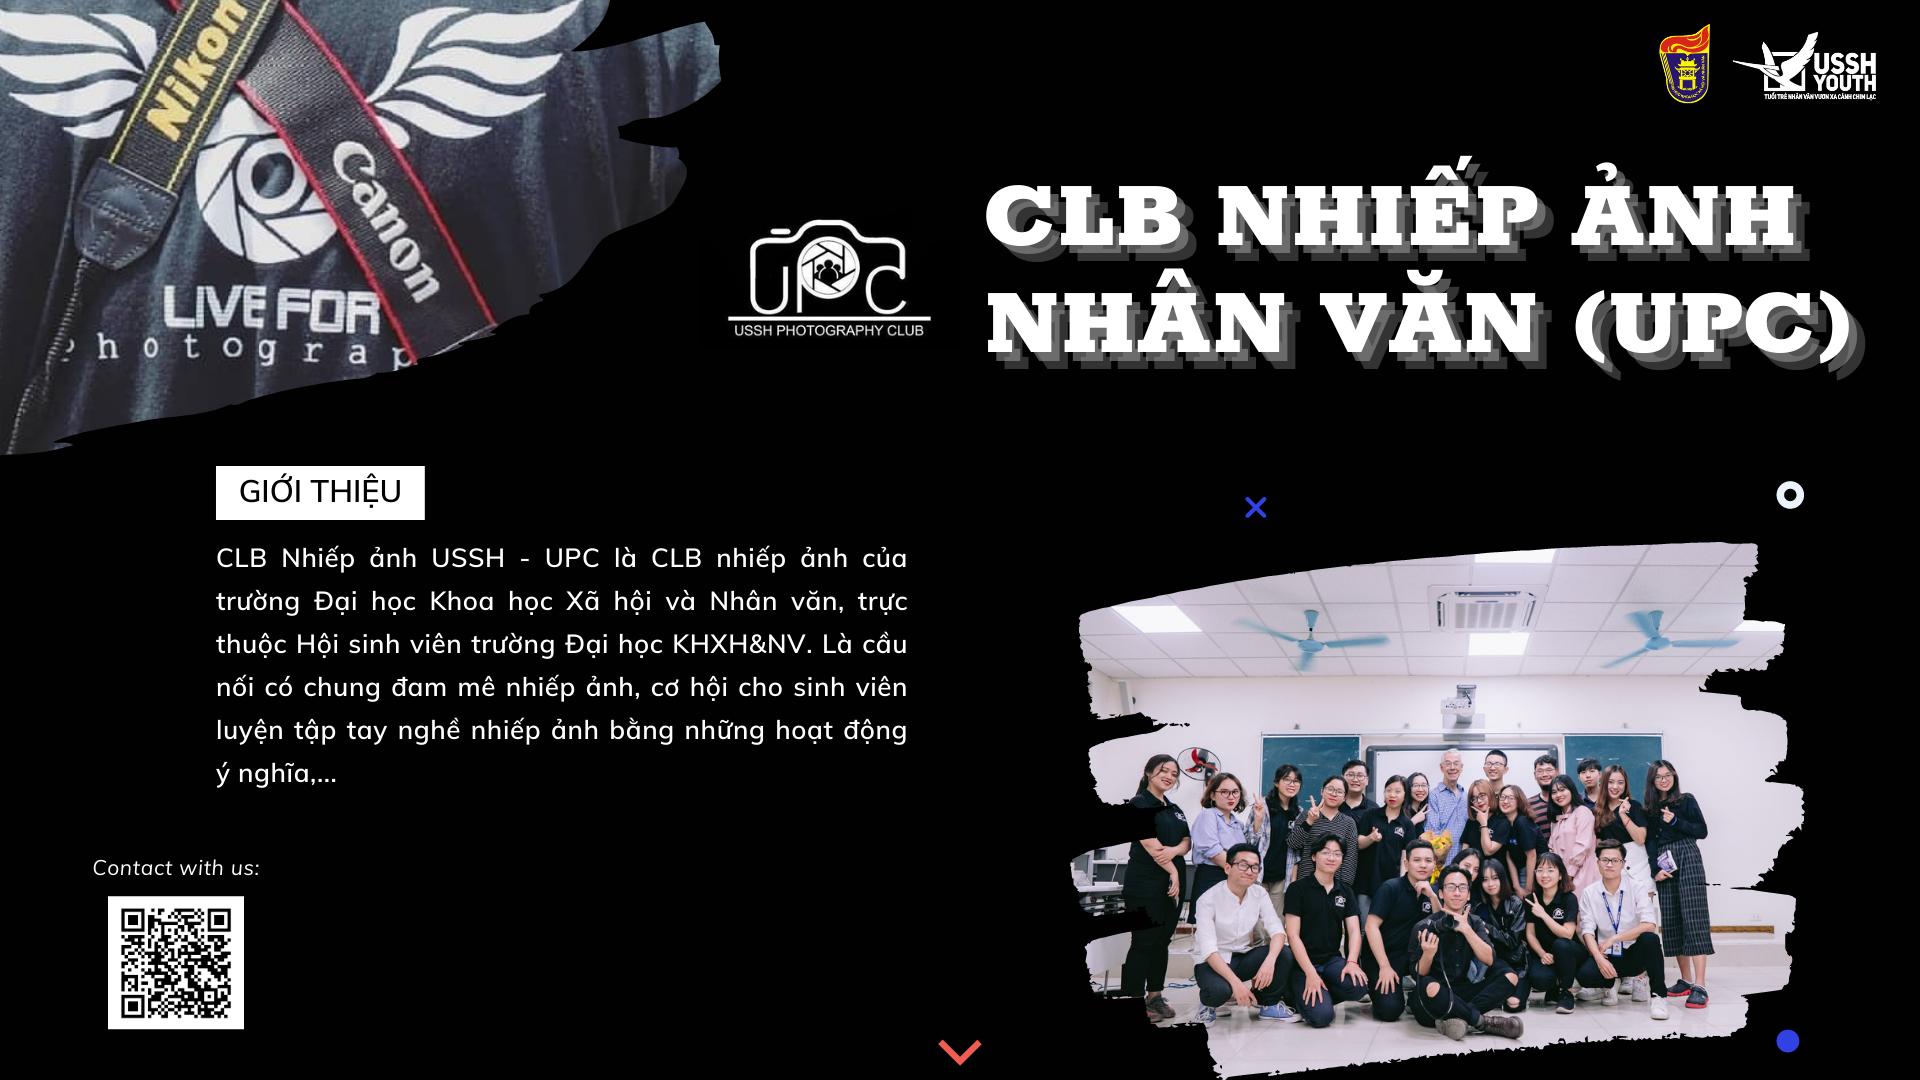 CLB NHIߦ+P ߦóNH NH+éN V éN